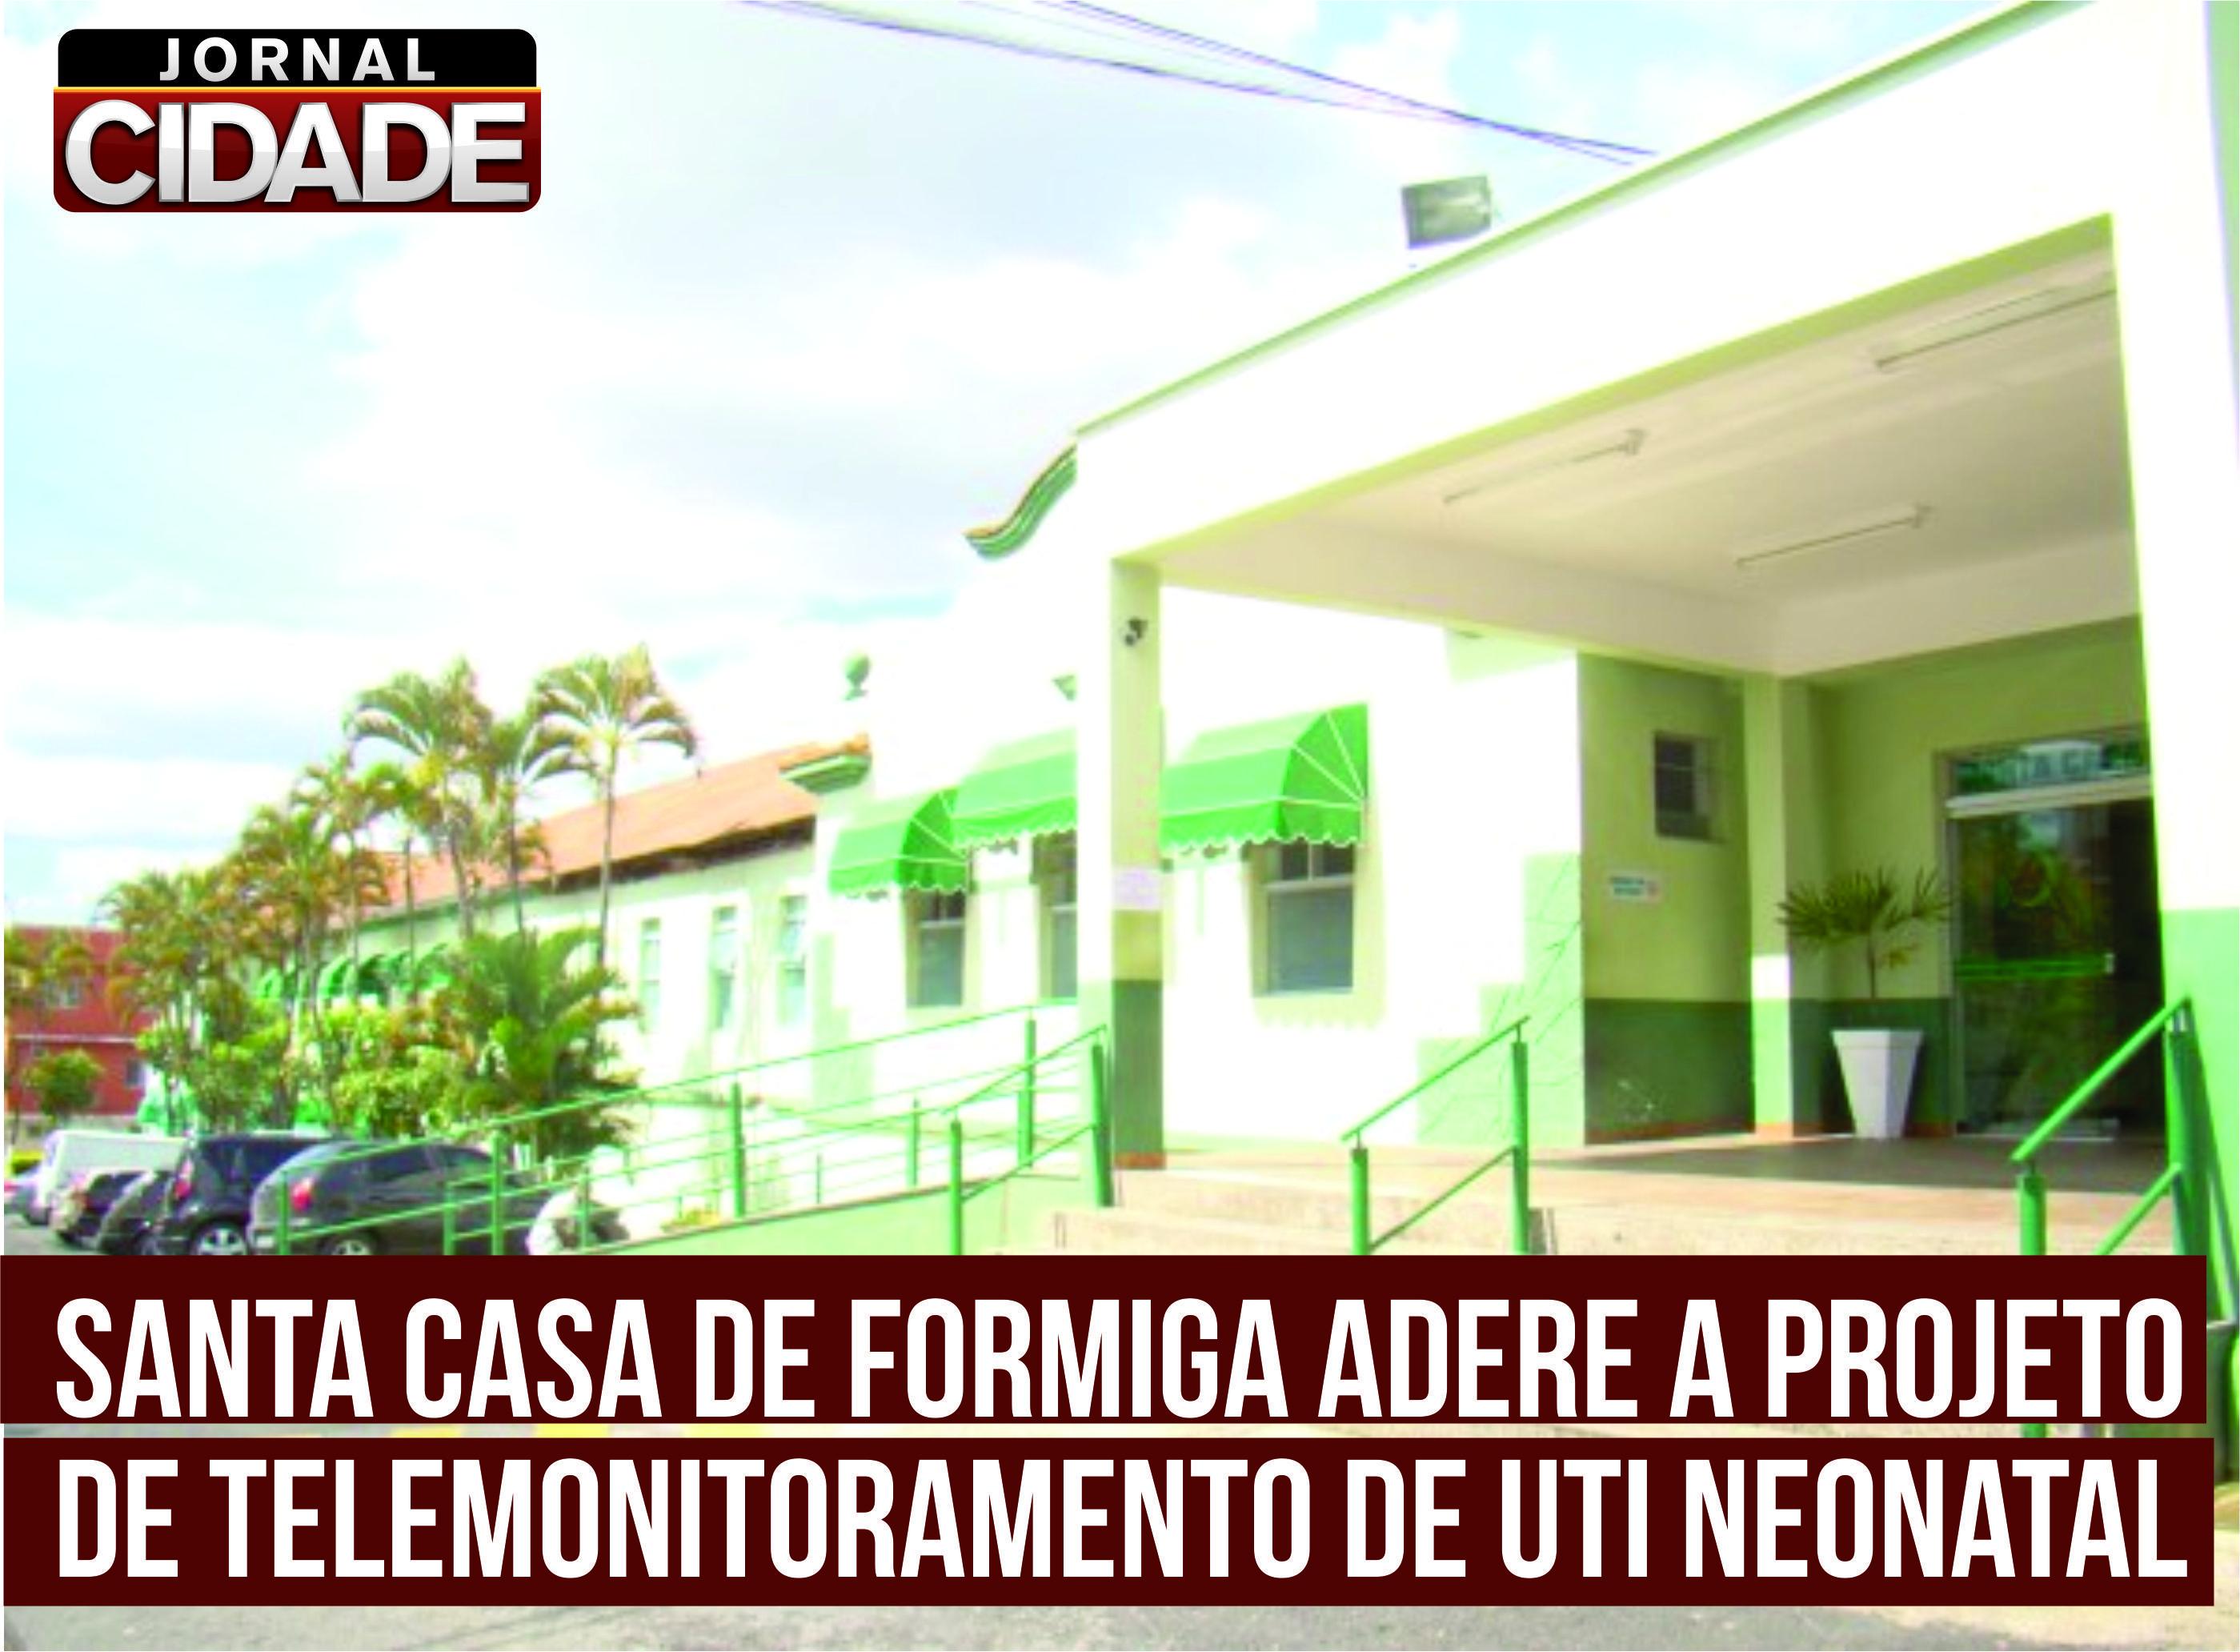 Ação inovadora  de tele monitoramento em UTI  visa reduzir a mortalidade de recém nascidos em Formiga. Leia mais: http://www.jornalcidademg.com.br/santa-casa-de-formiga-adere-projeto-de-telemonitoramento-de-uti-neonatal/